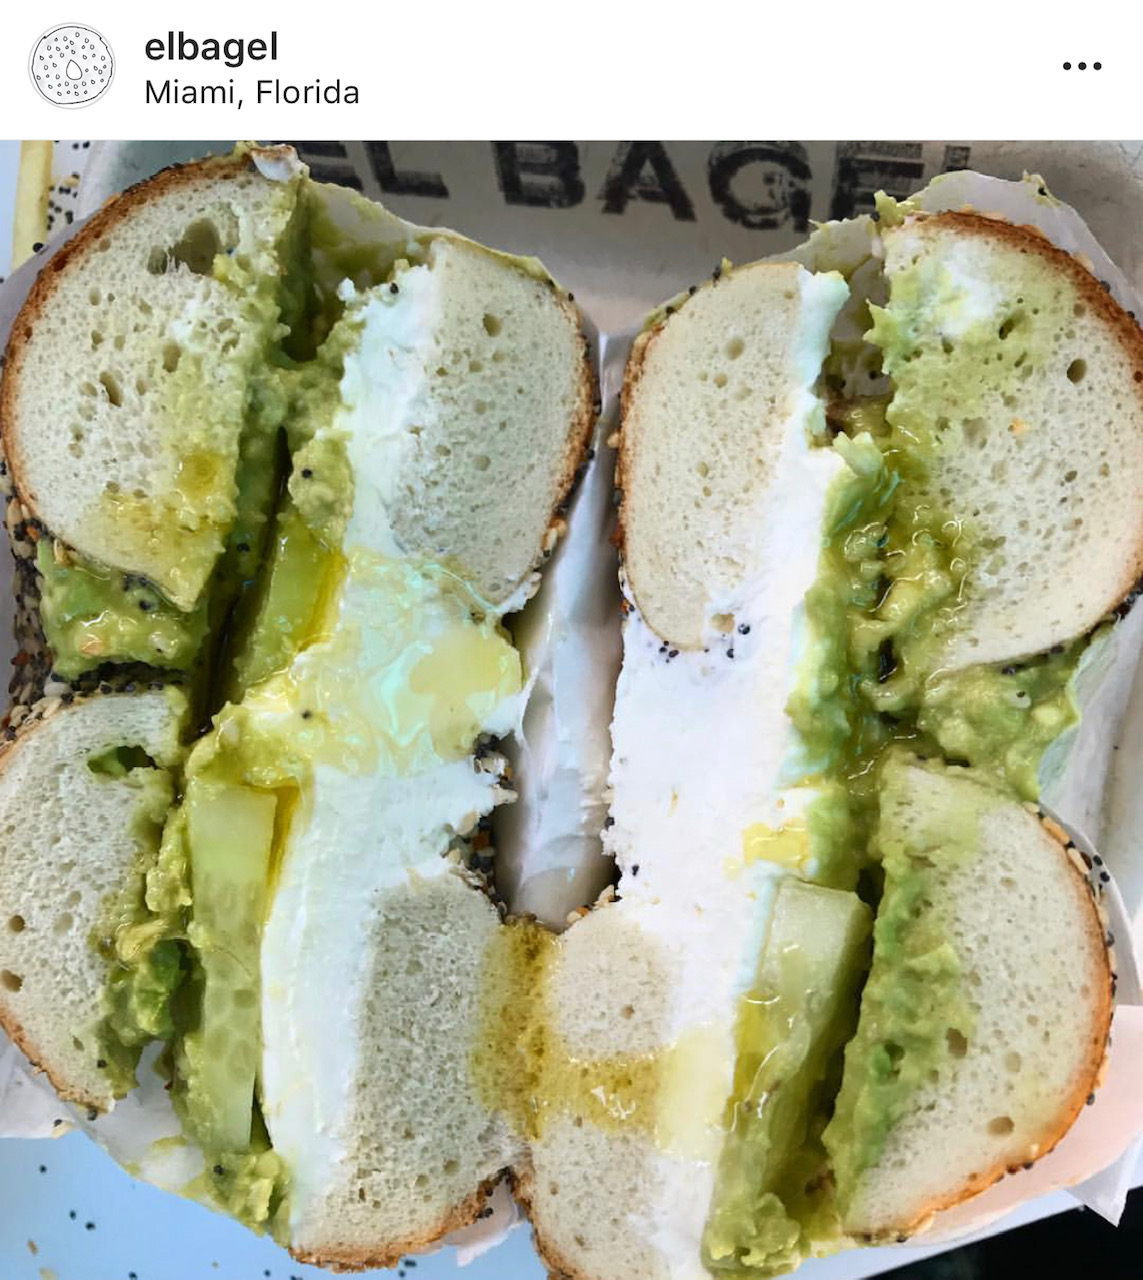 El Bagel Miami Avocado and Cream Cheese